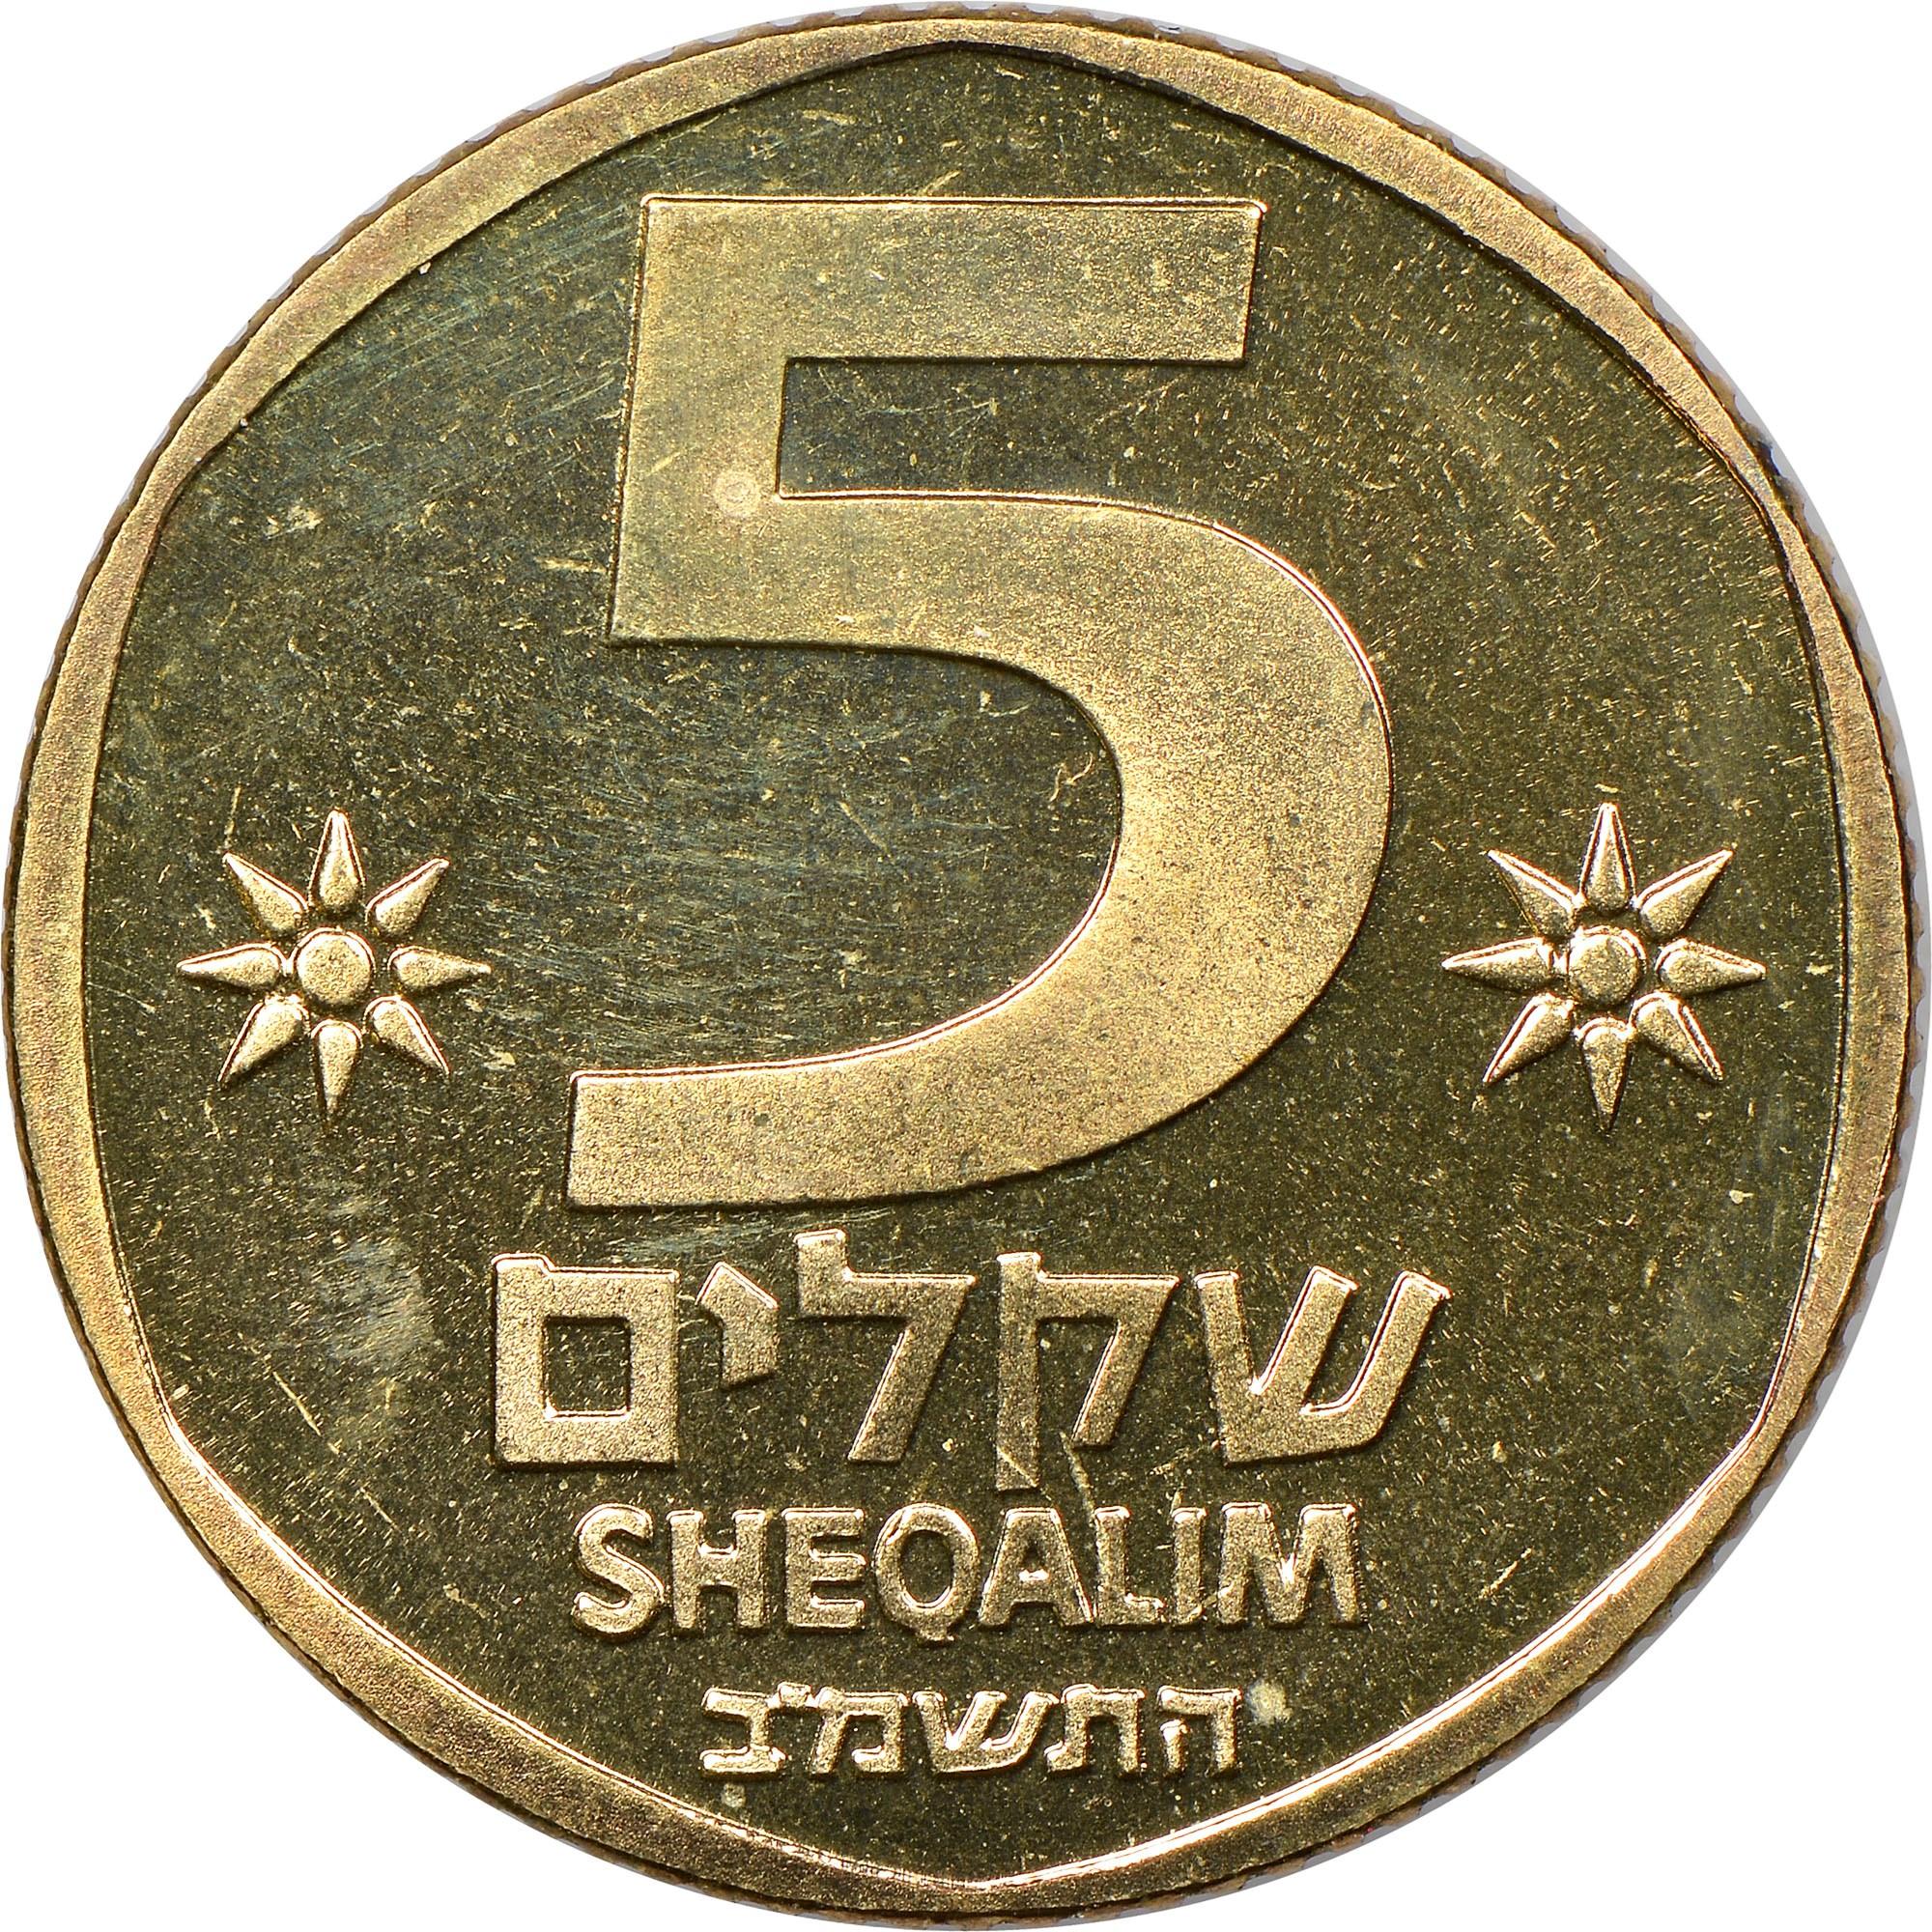 Israel 5 Sheqalim reverse